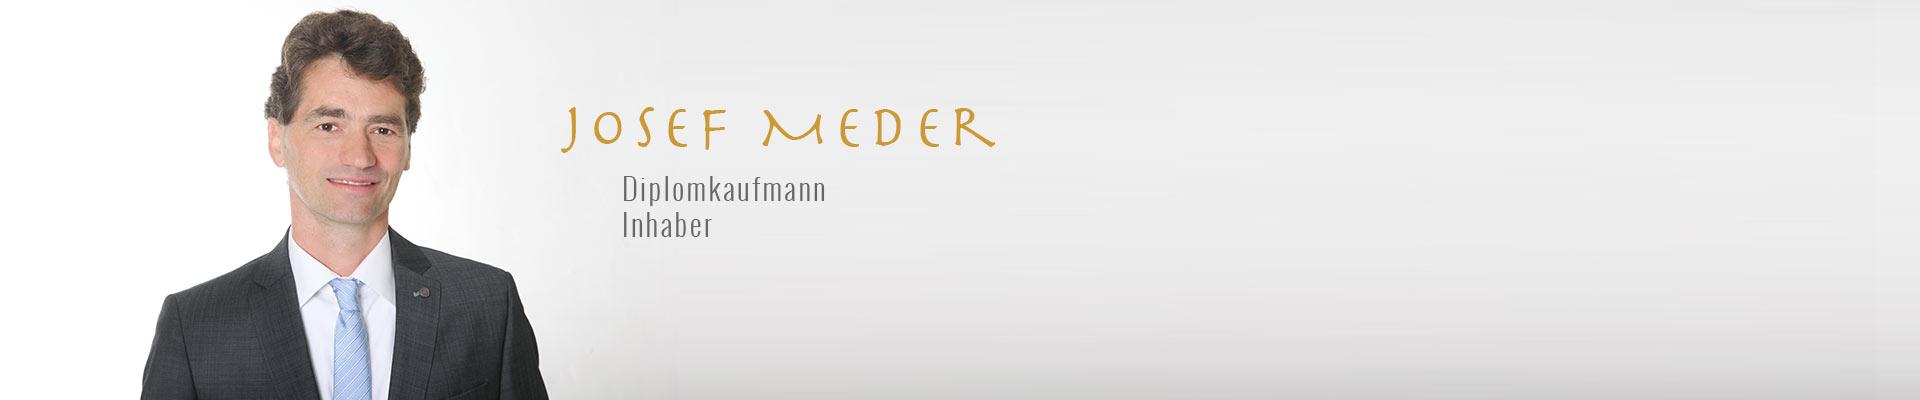 Josef_Meder